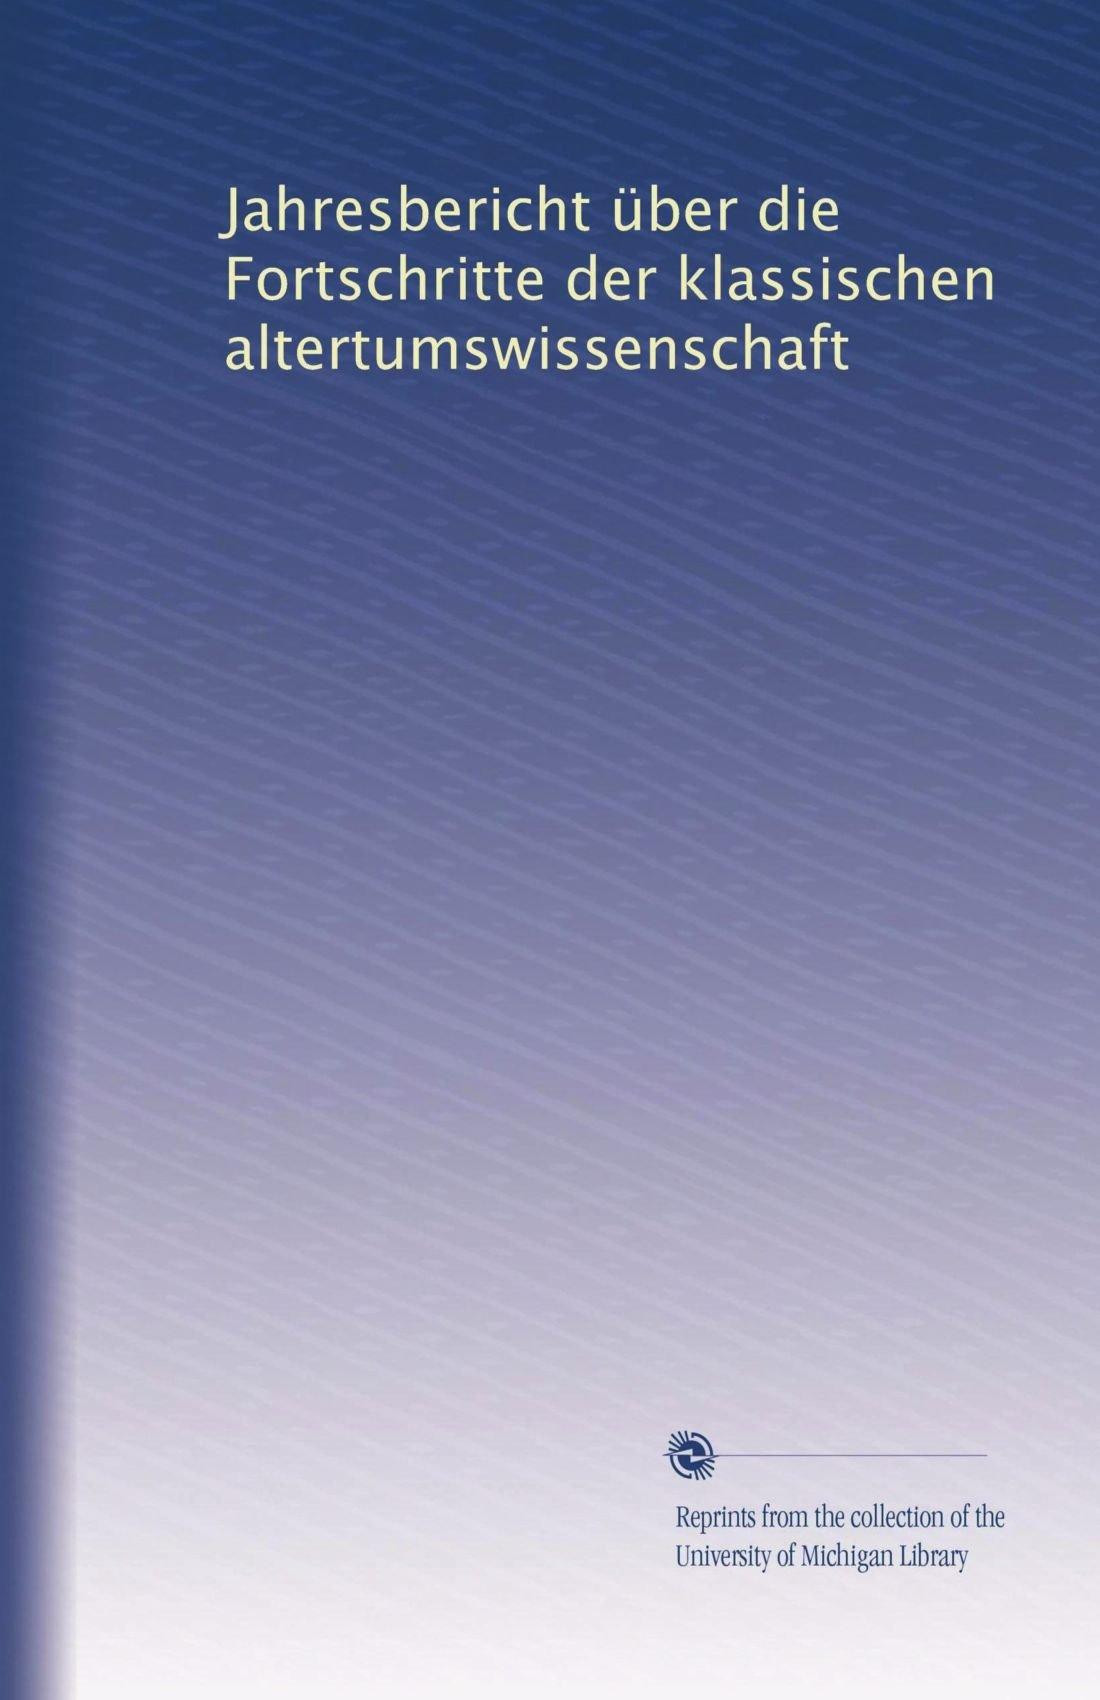 Download Jahresbericht über die Fortschritte der klassischen altertumswissenschaft (Volume 36) (German Edition) PDF